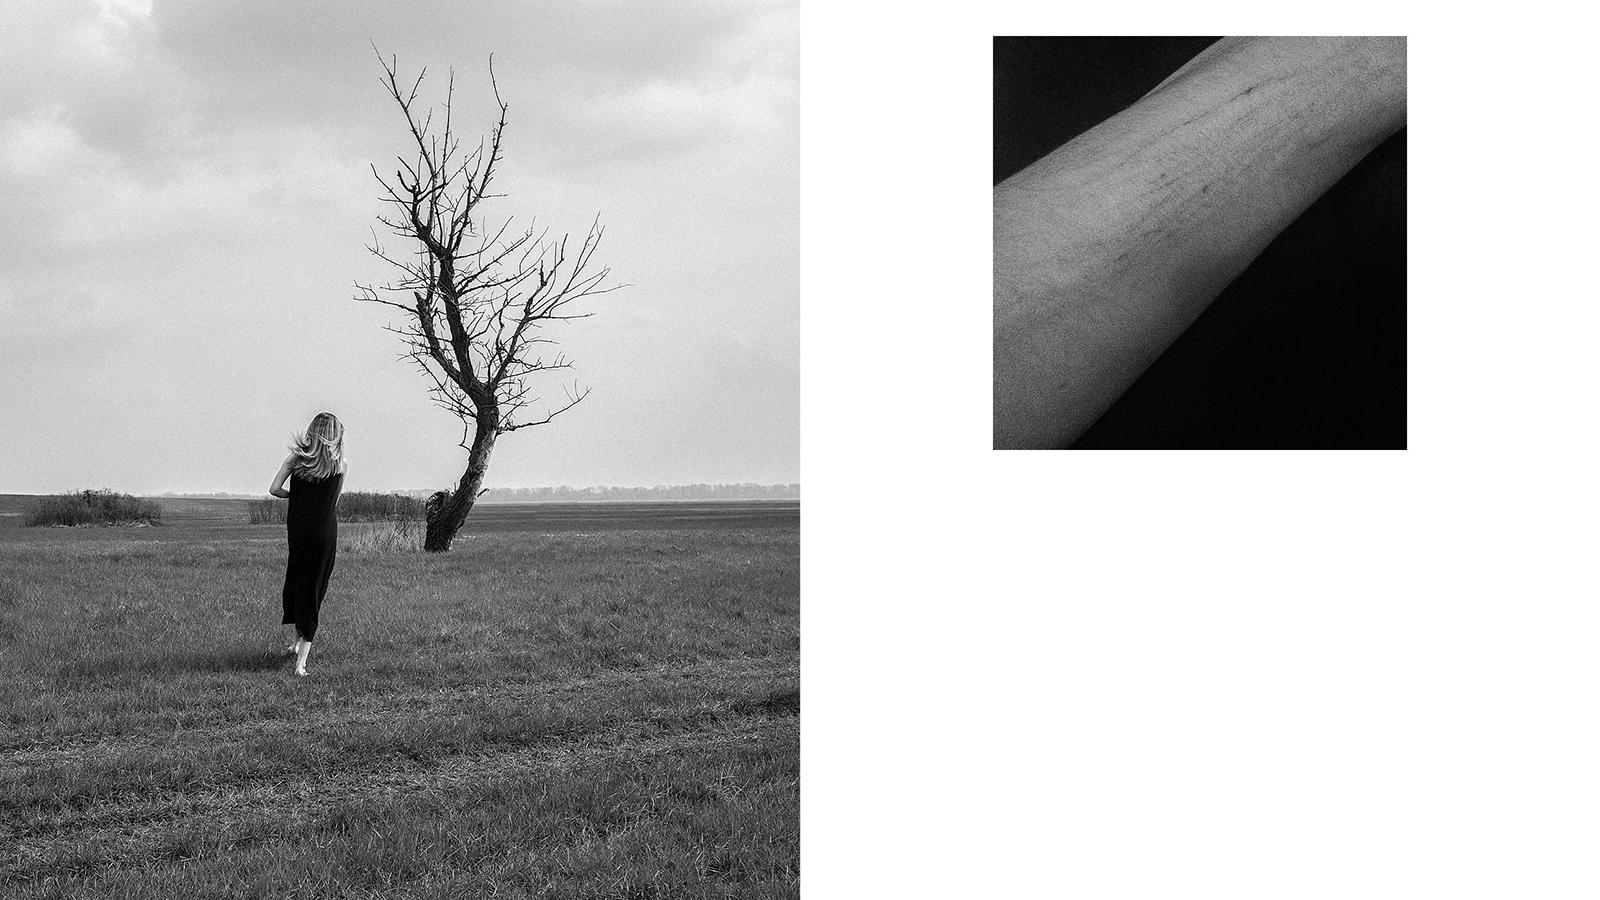 hellodesign-kedveskatalin-depresszio-08.jpg